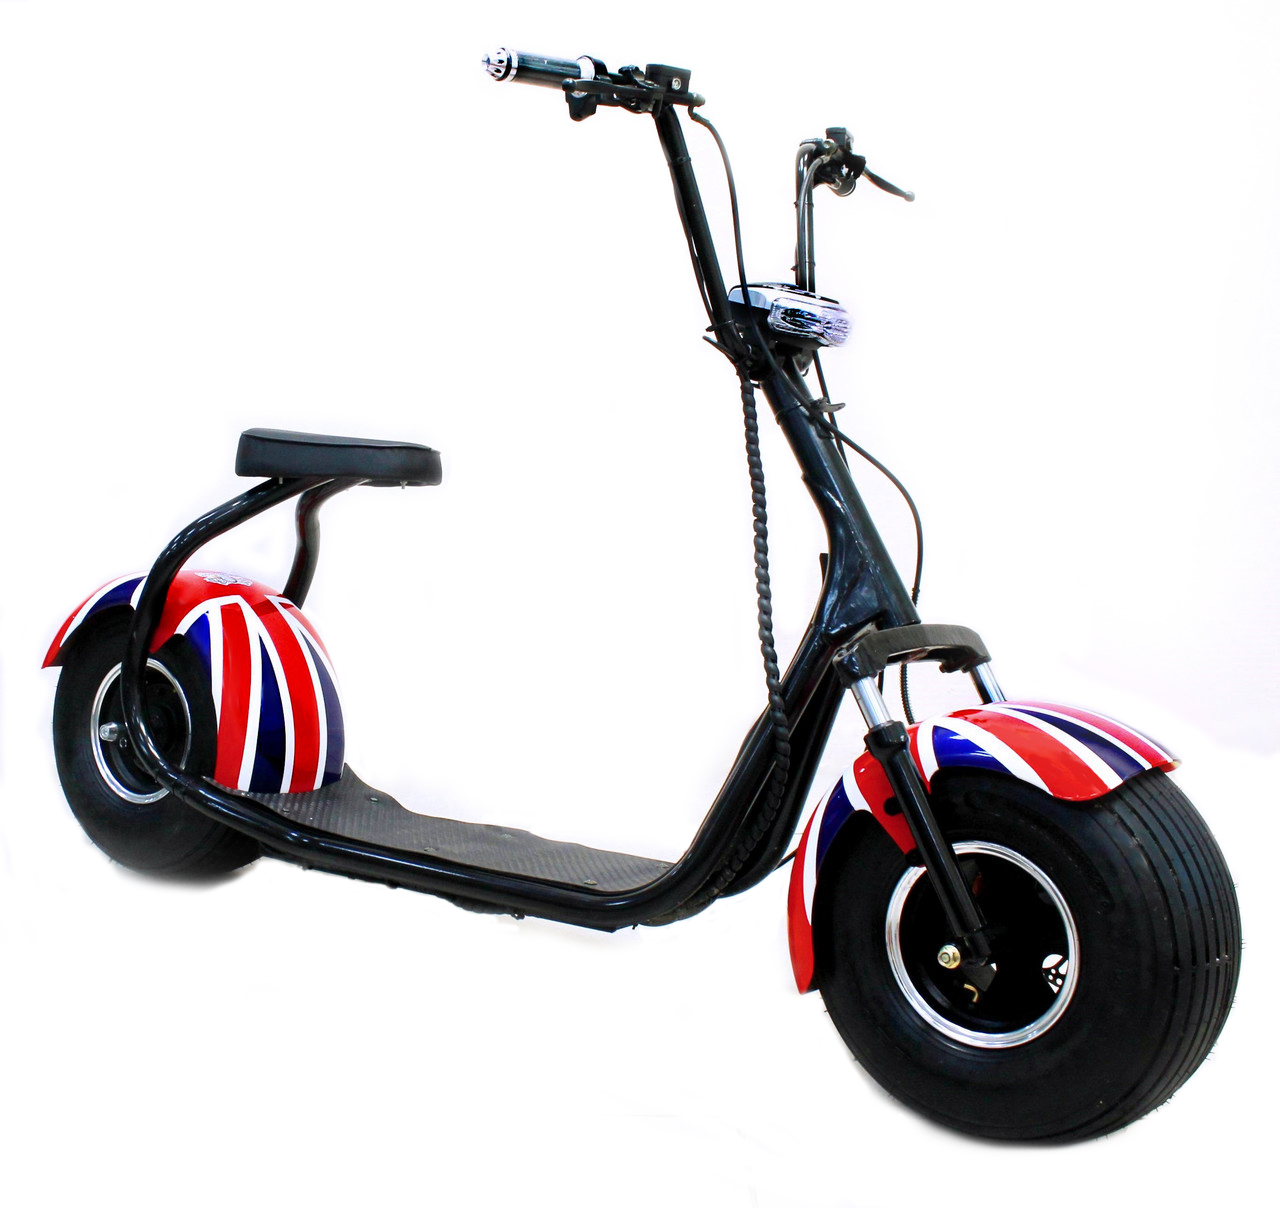 Seev Citycoco Британский Флаг + Bluetooth-музыка - Электросамокат взрослый, артикул: 865825